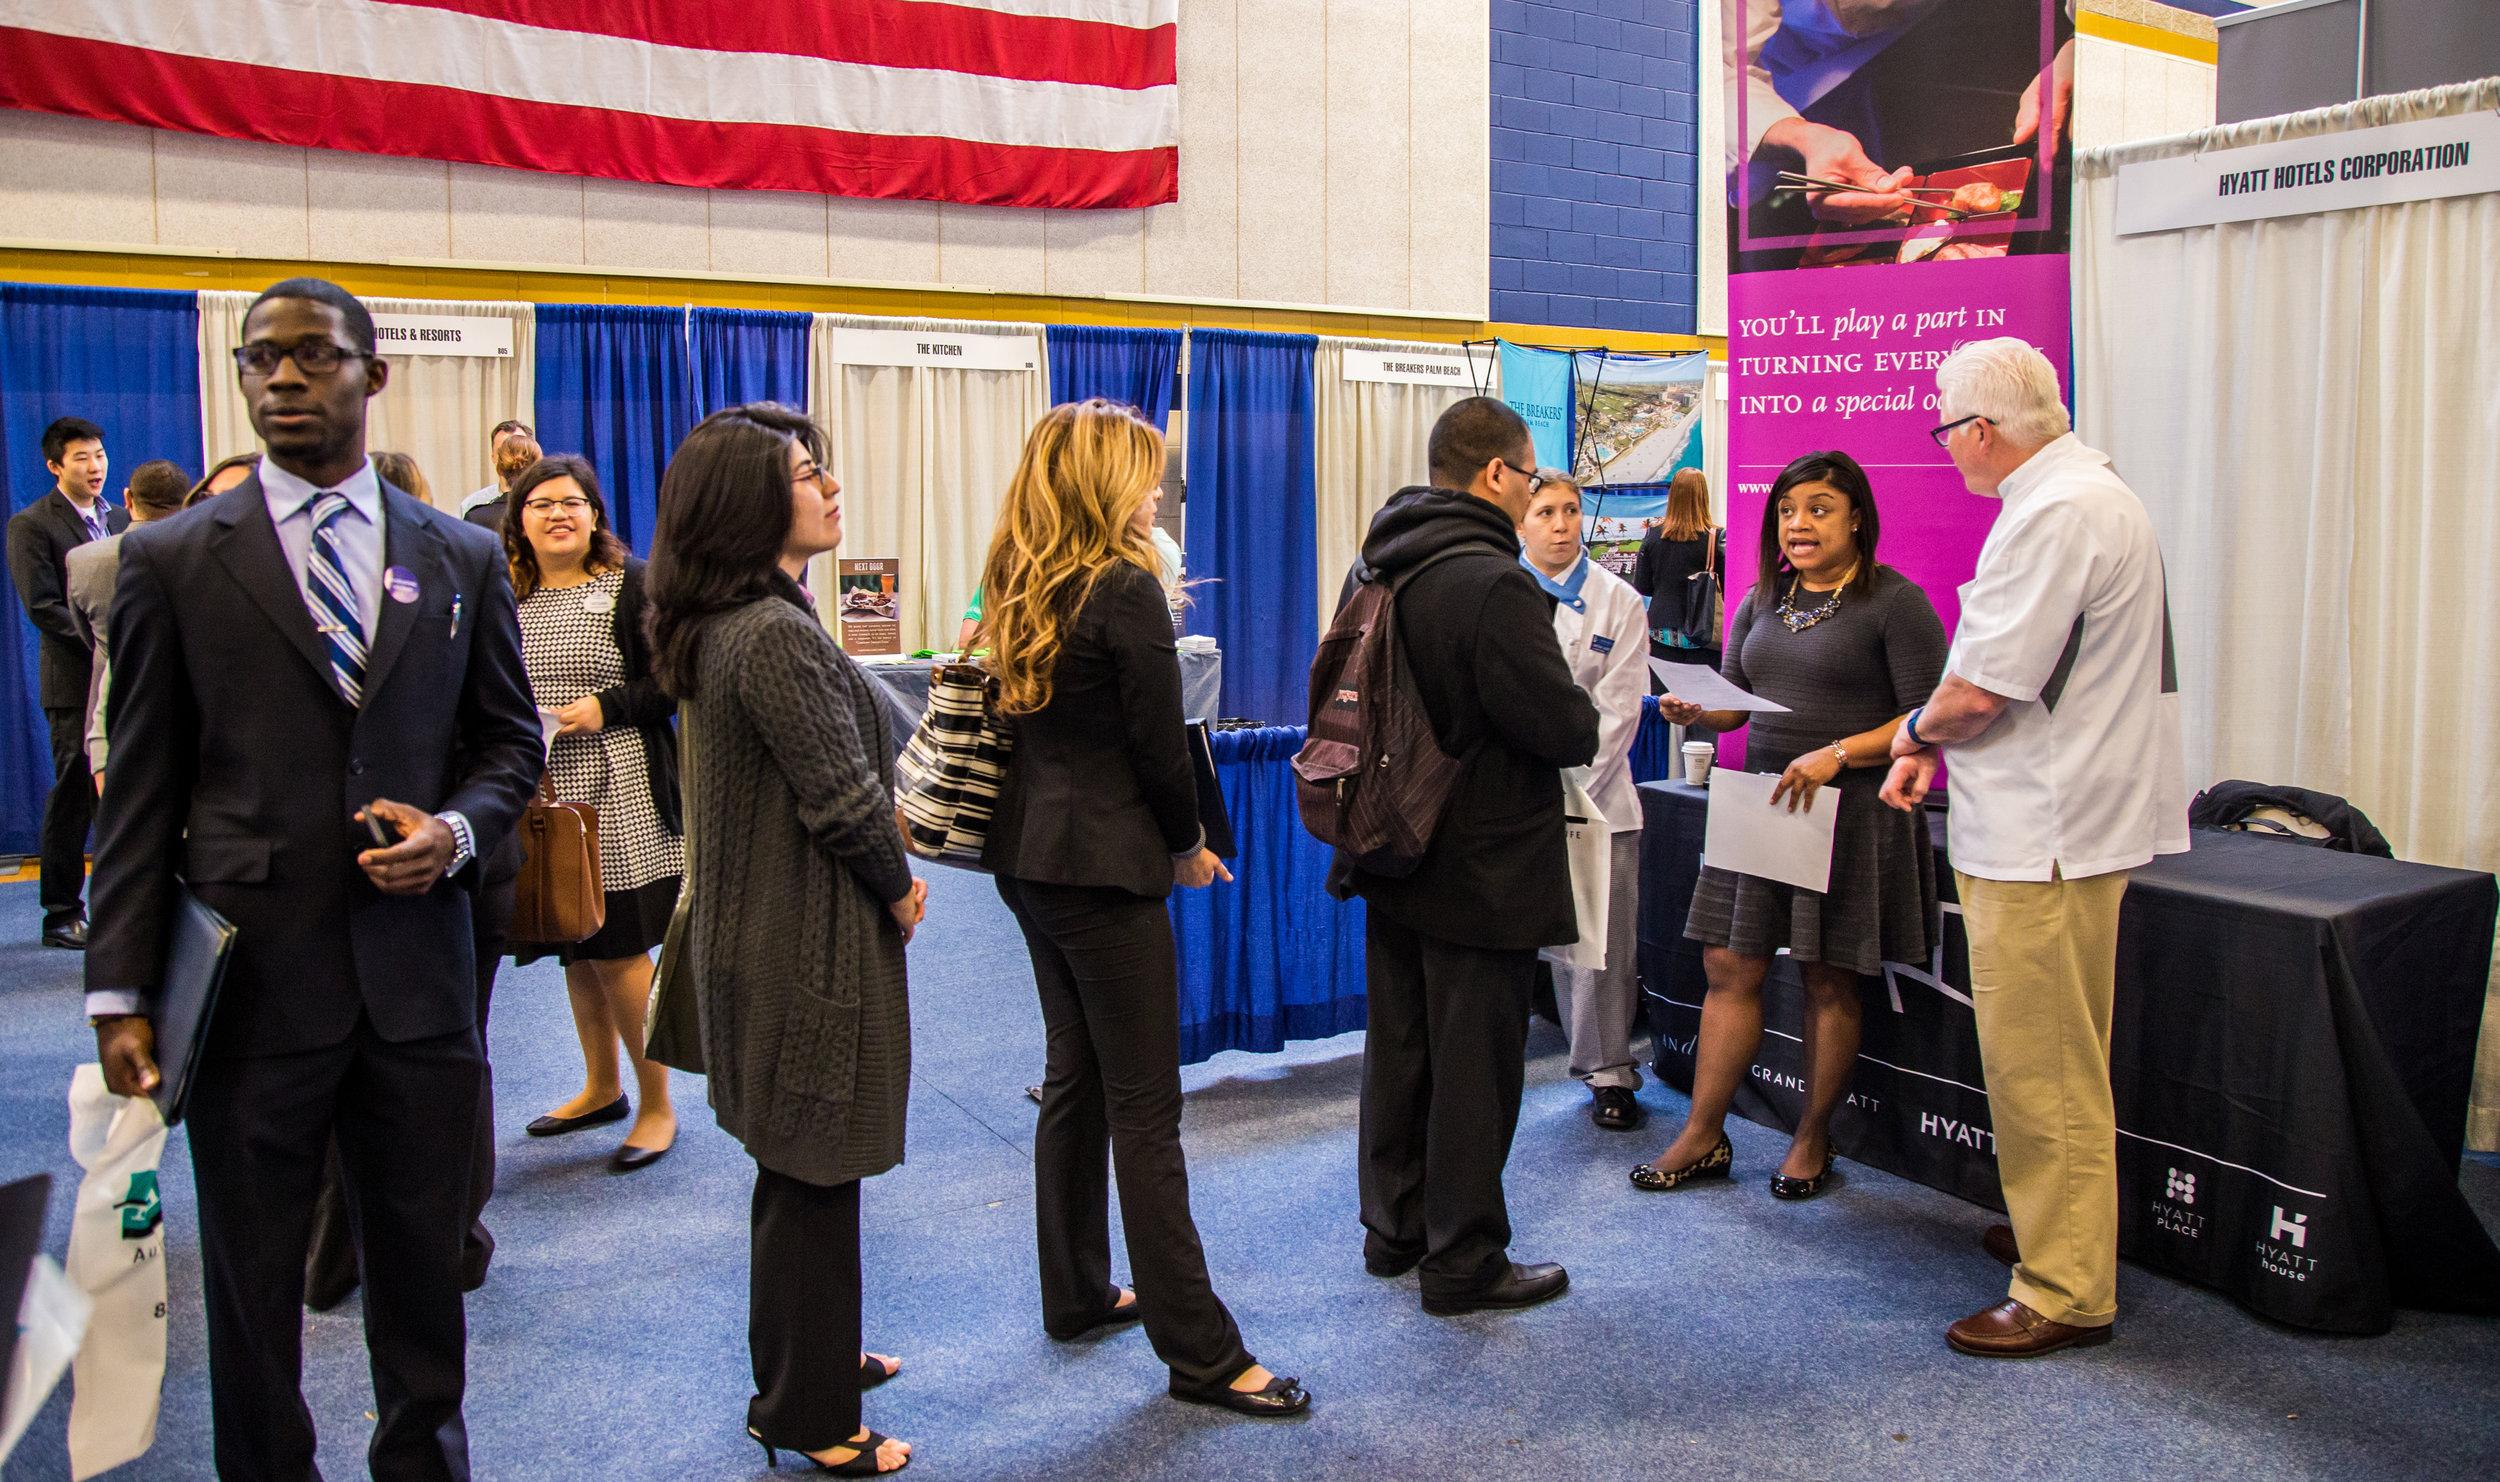 JWU students speak to Hyatt employees at a career fair.